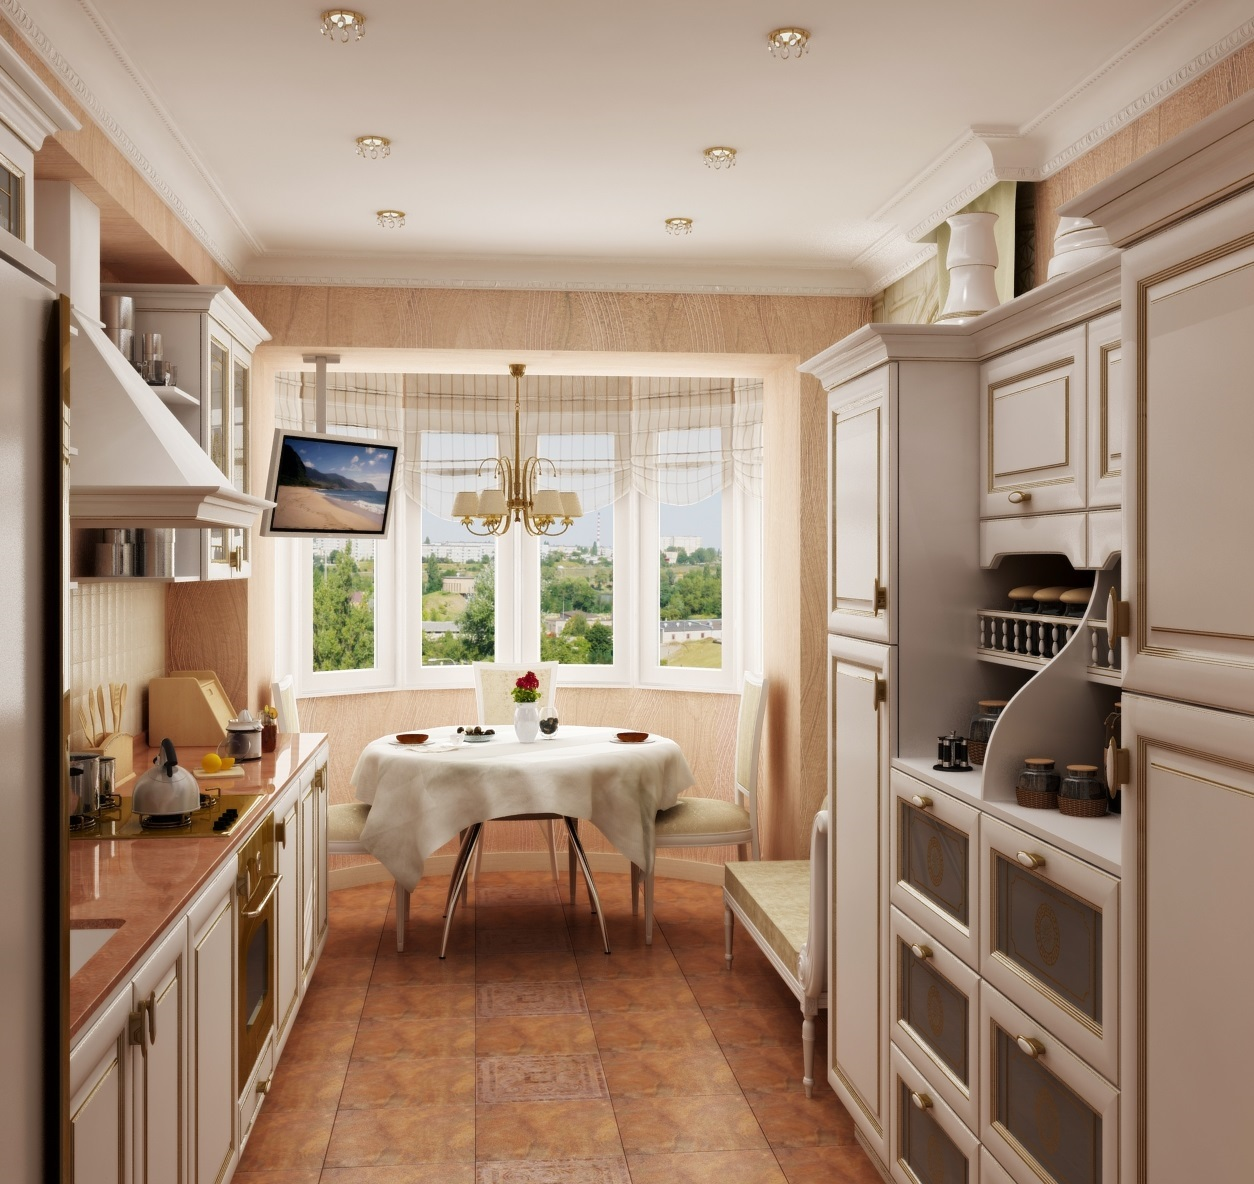 визуализации кухни в стиле прованс